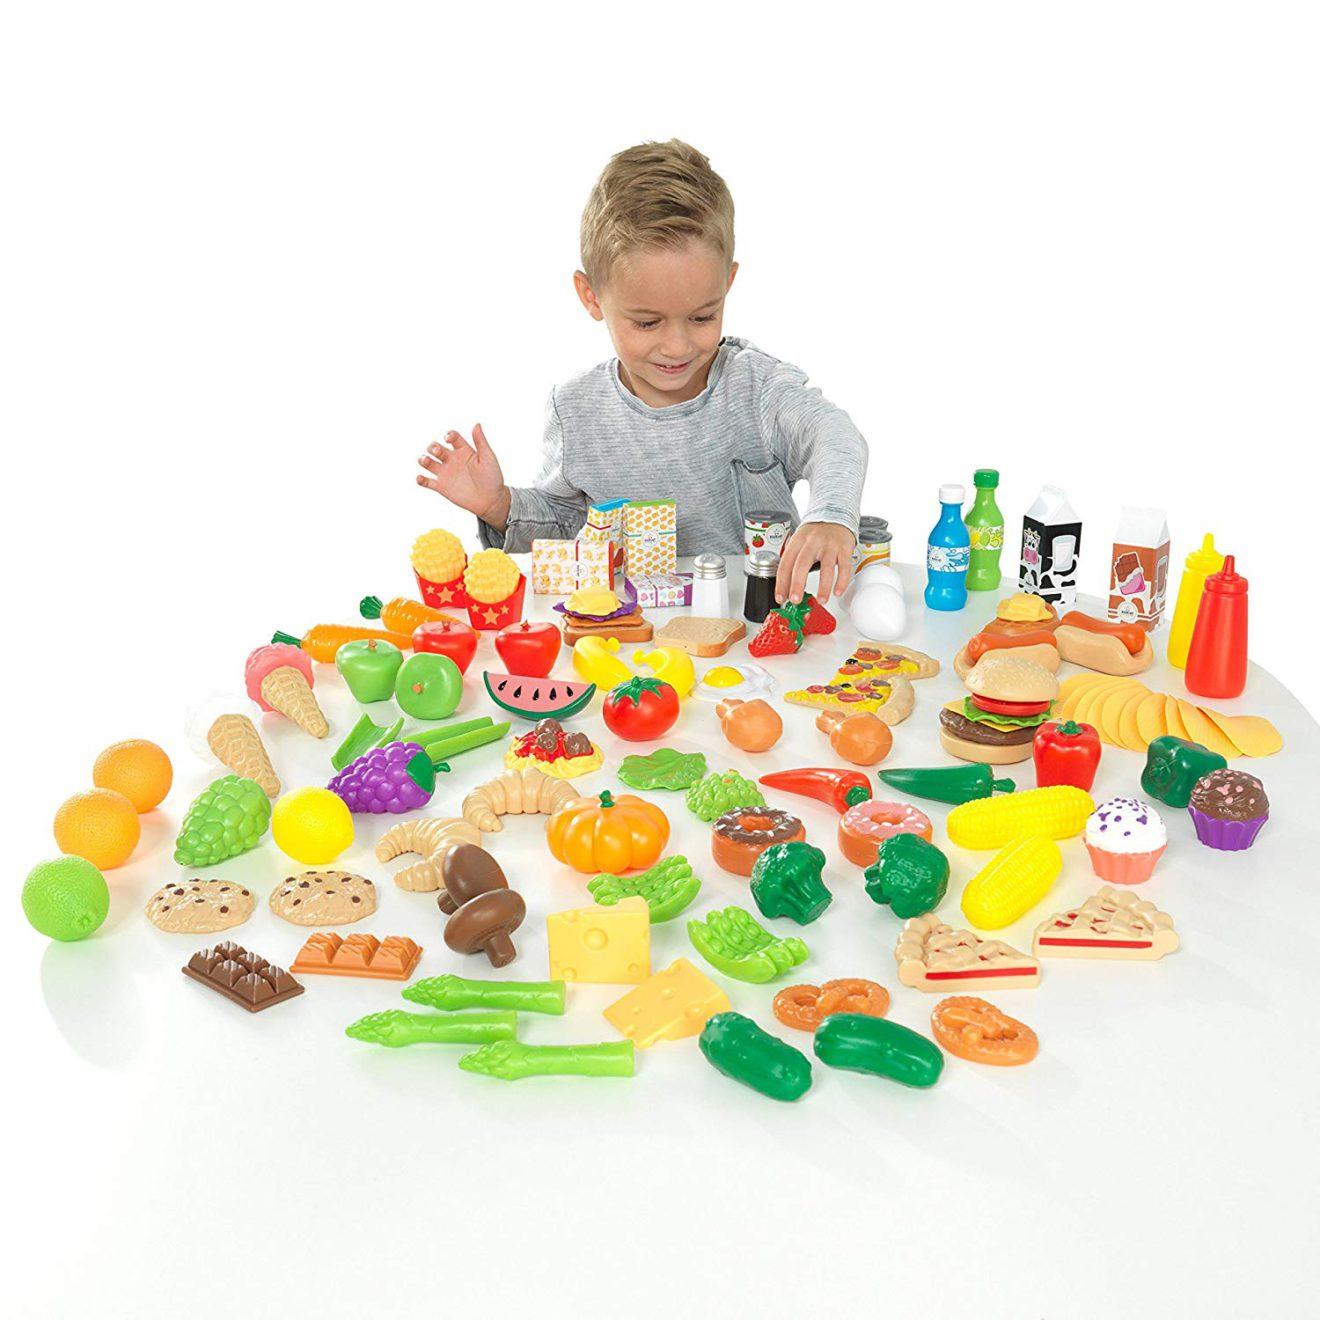 accessoires cuisine pour enfants : produits alimentaires kidcraft